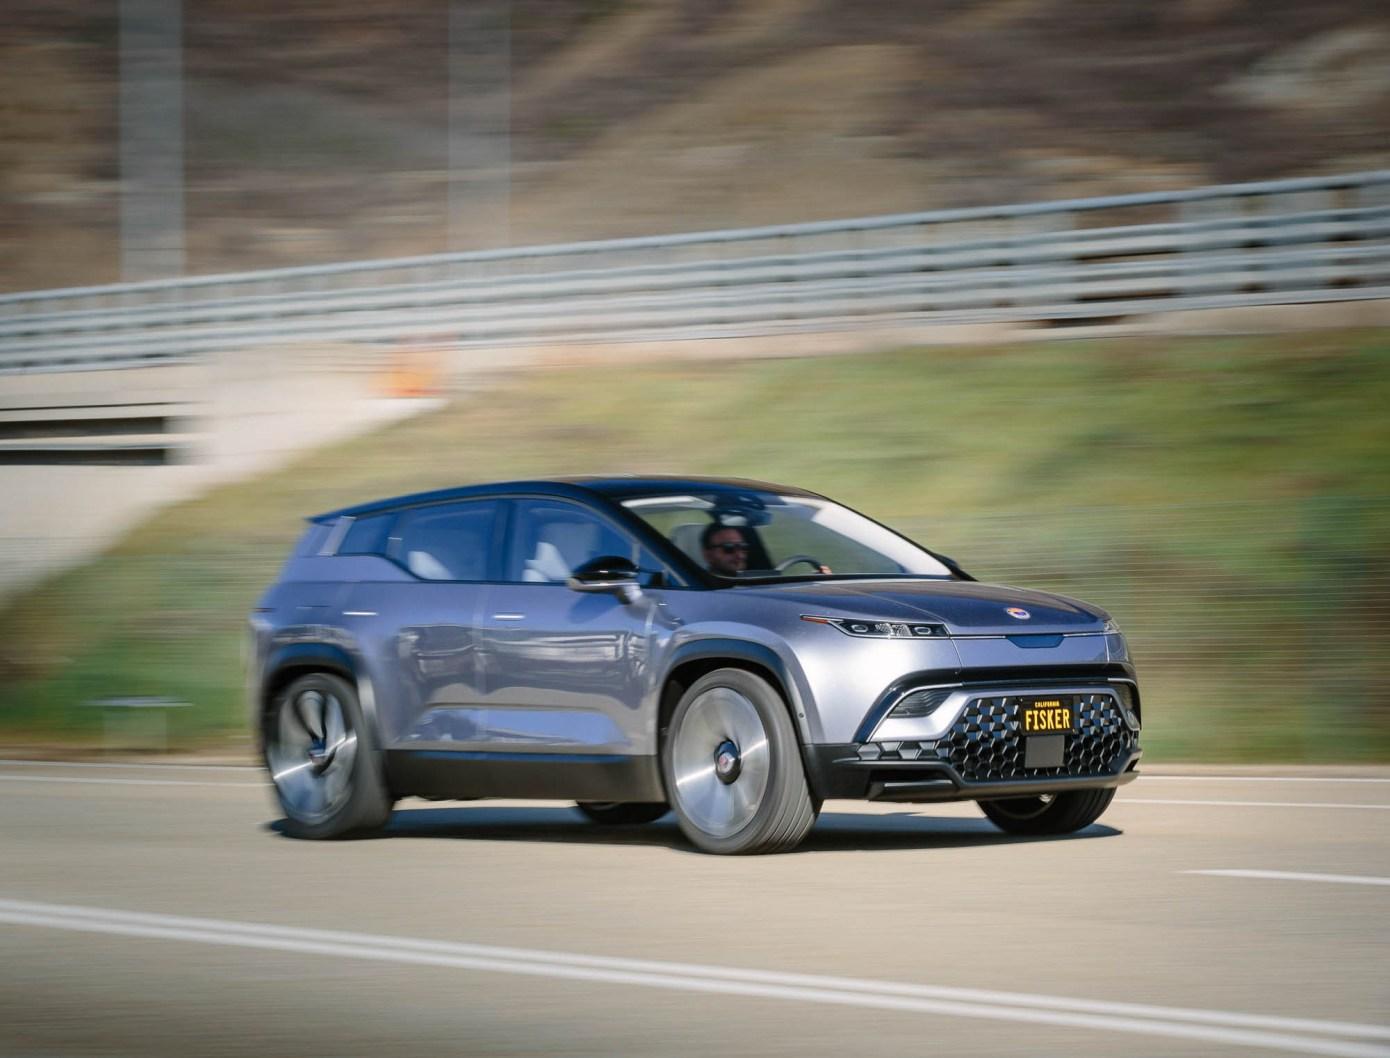 Fisker lève 50 millions de dollars pour mettre sur le marché son SUV Ocean entièrement électrique en 2022